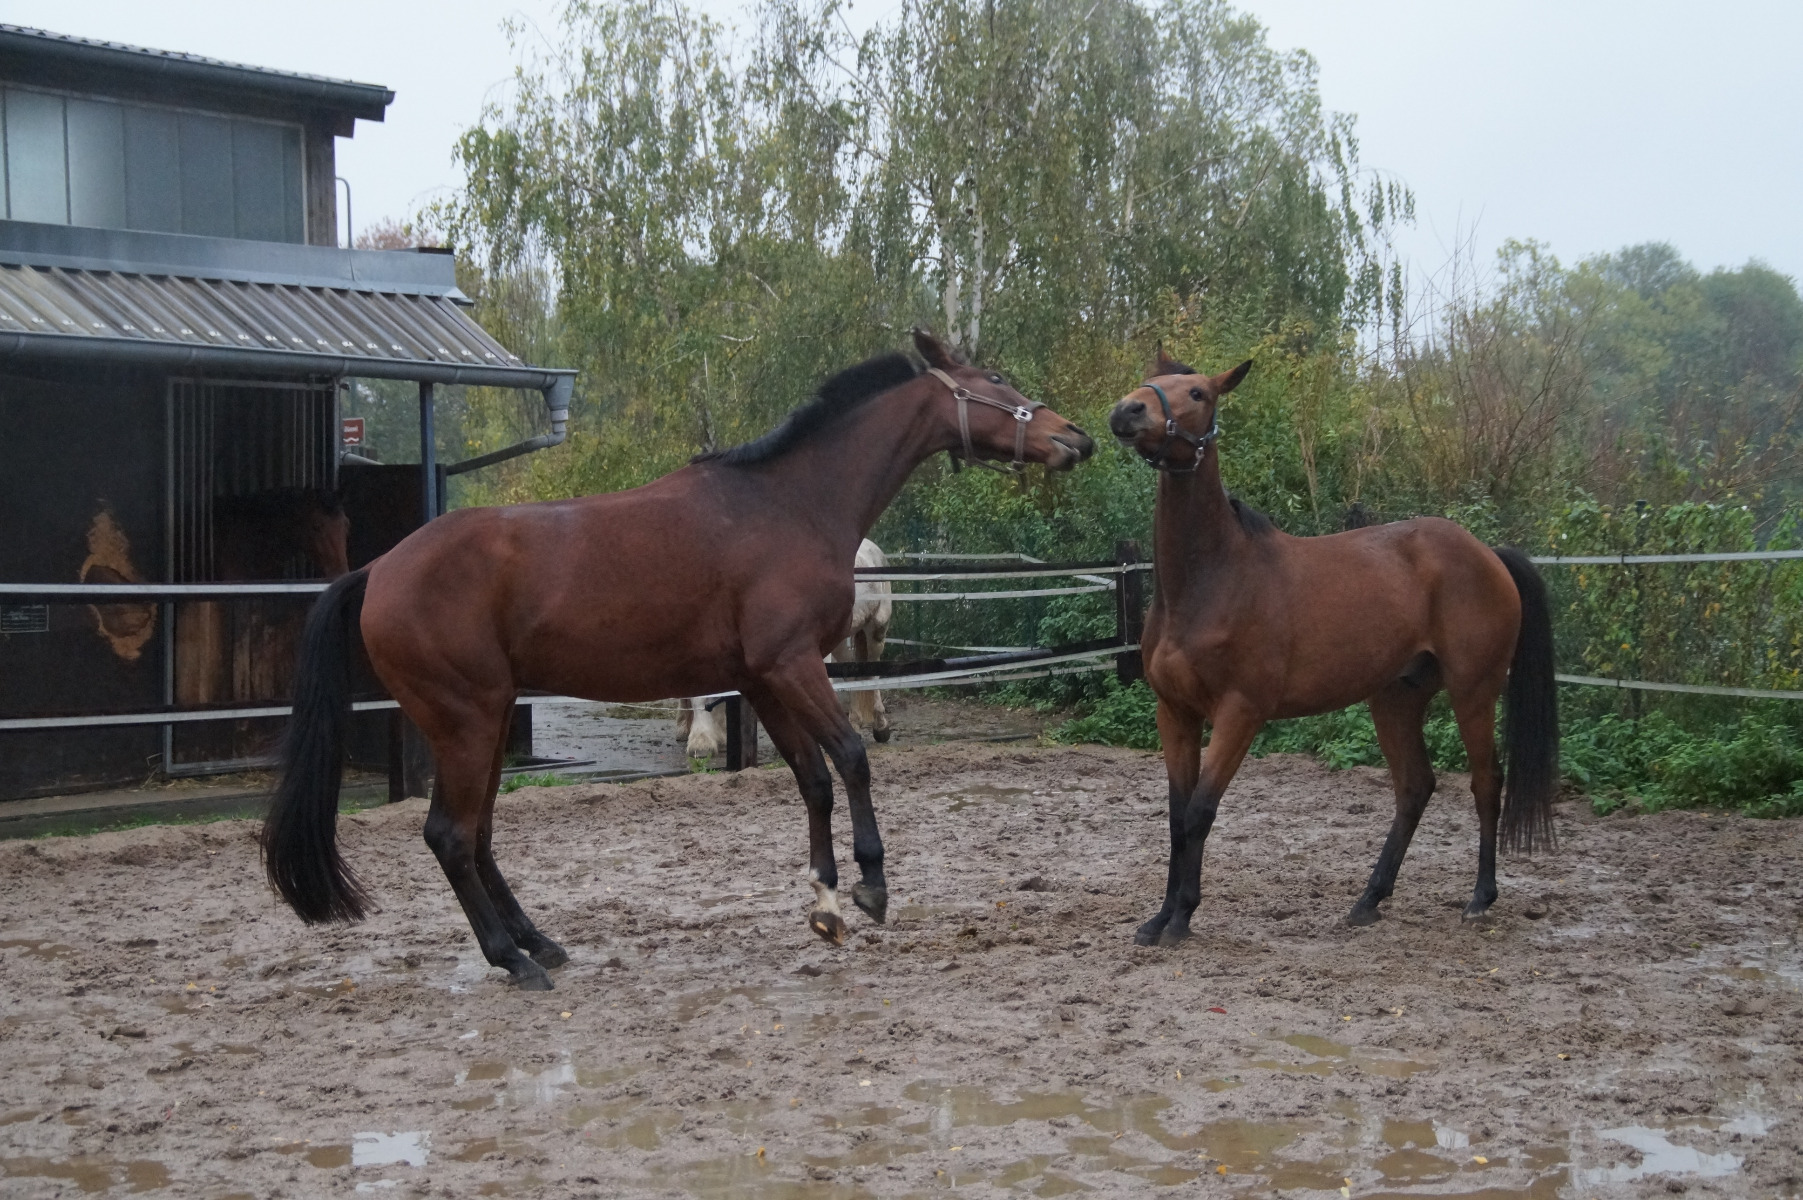 Stübben, Gläserne Manufaktur, Sattel, Pubertät, Pferd, Pferd, Jungpferde